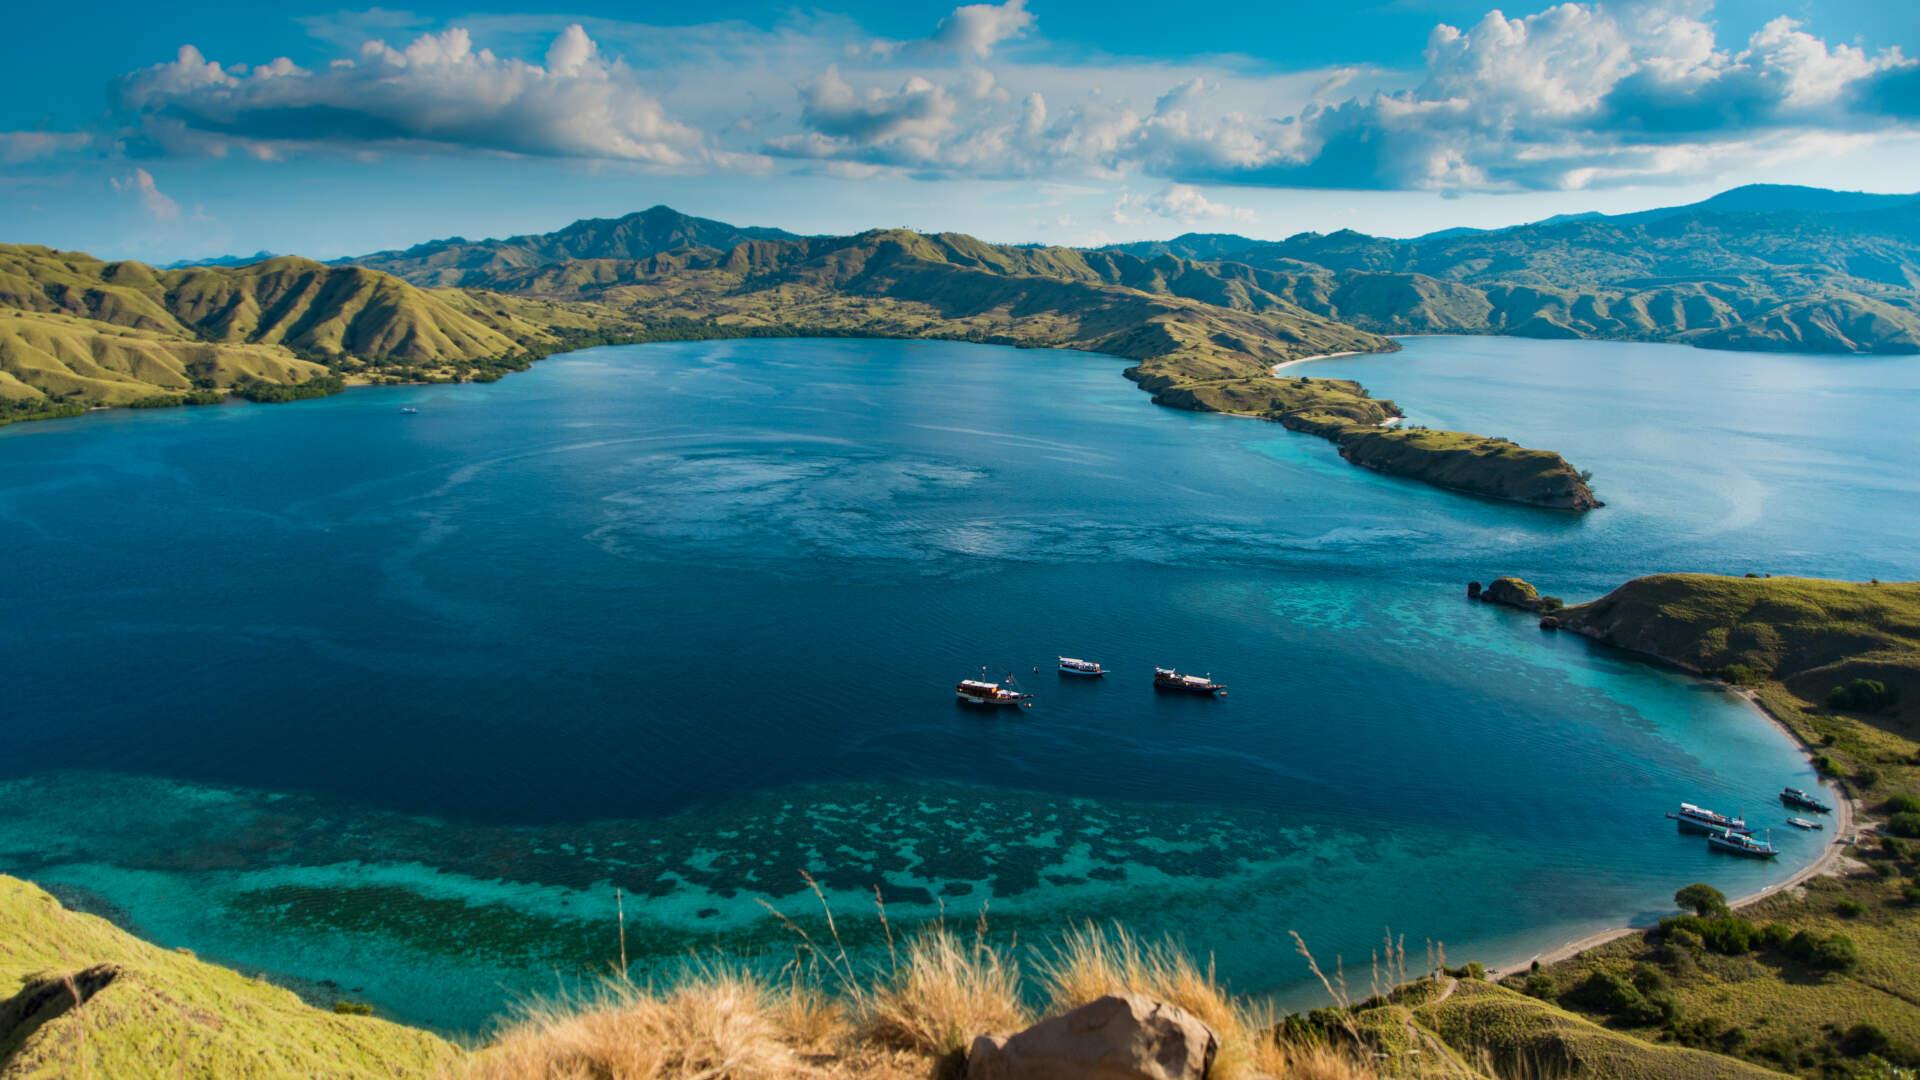 padar island is belong to unesco world heritage site